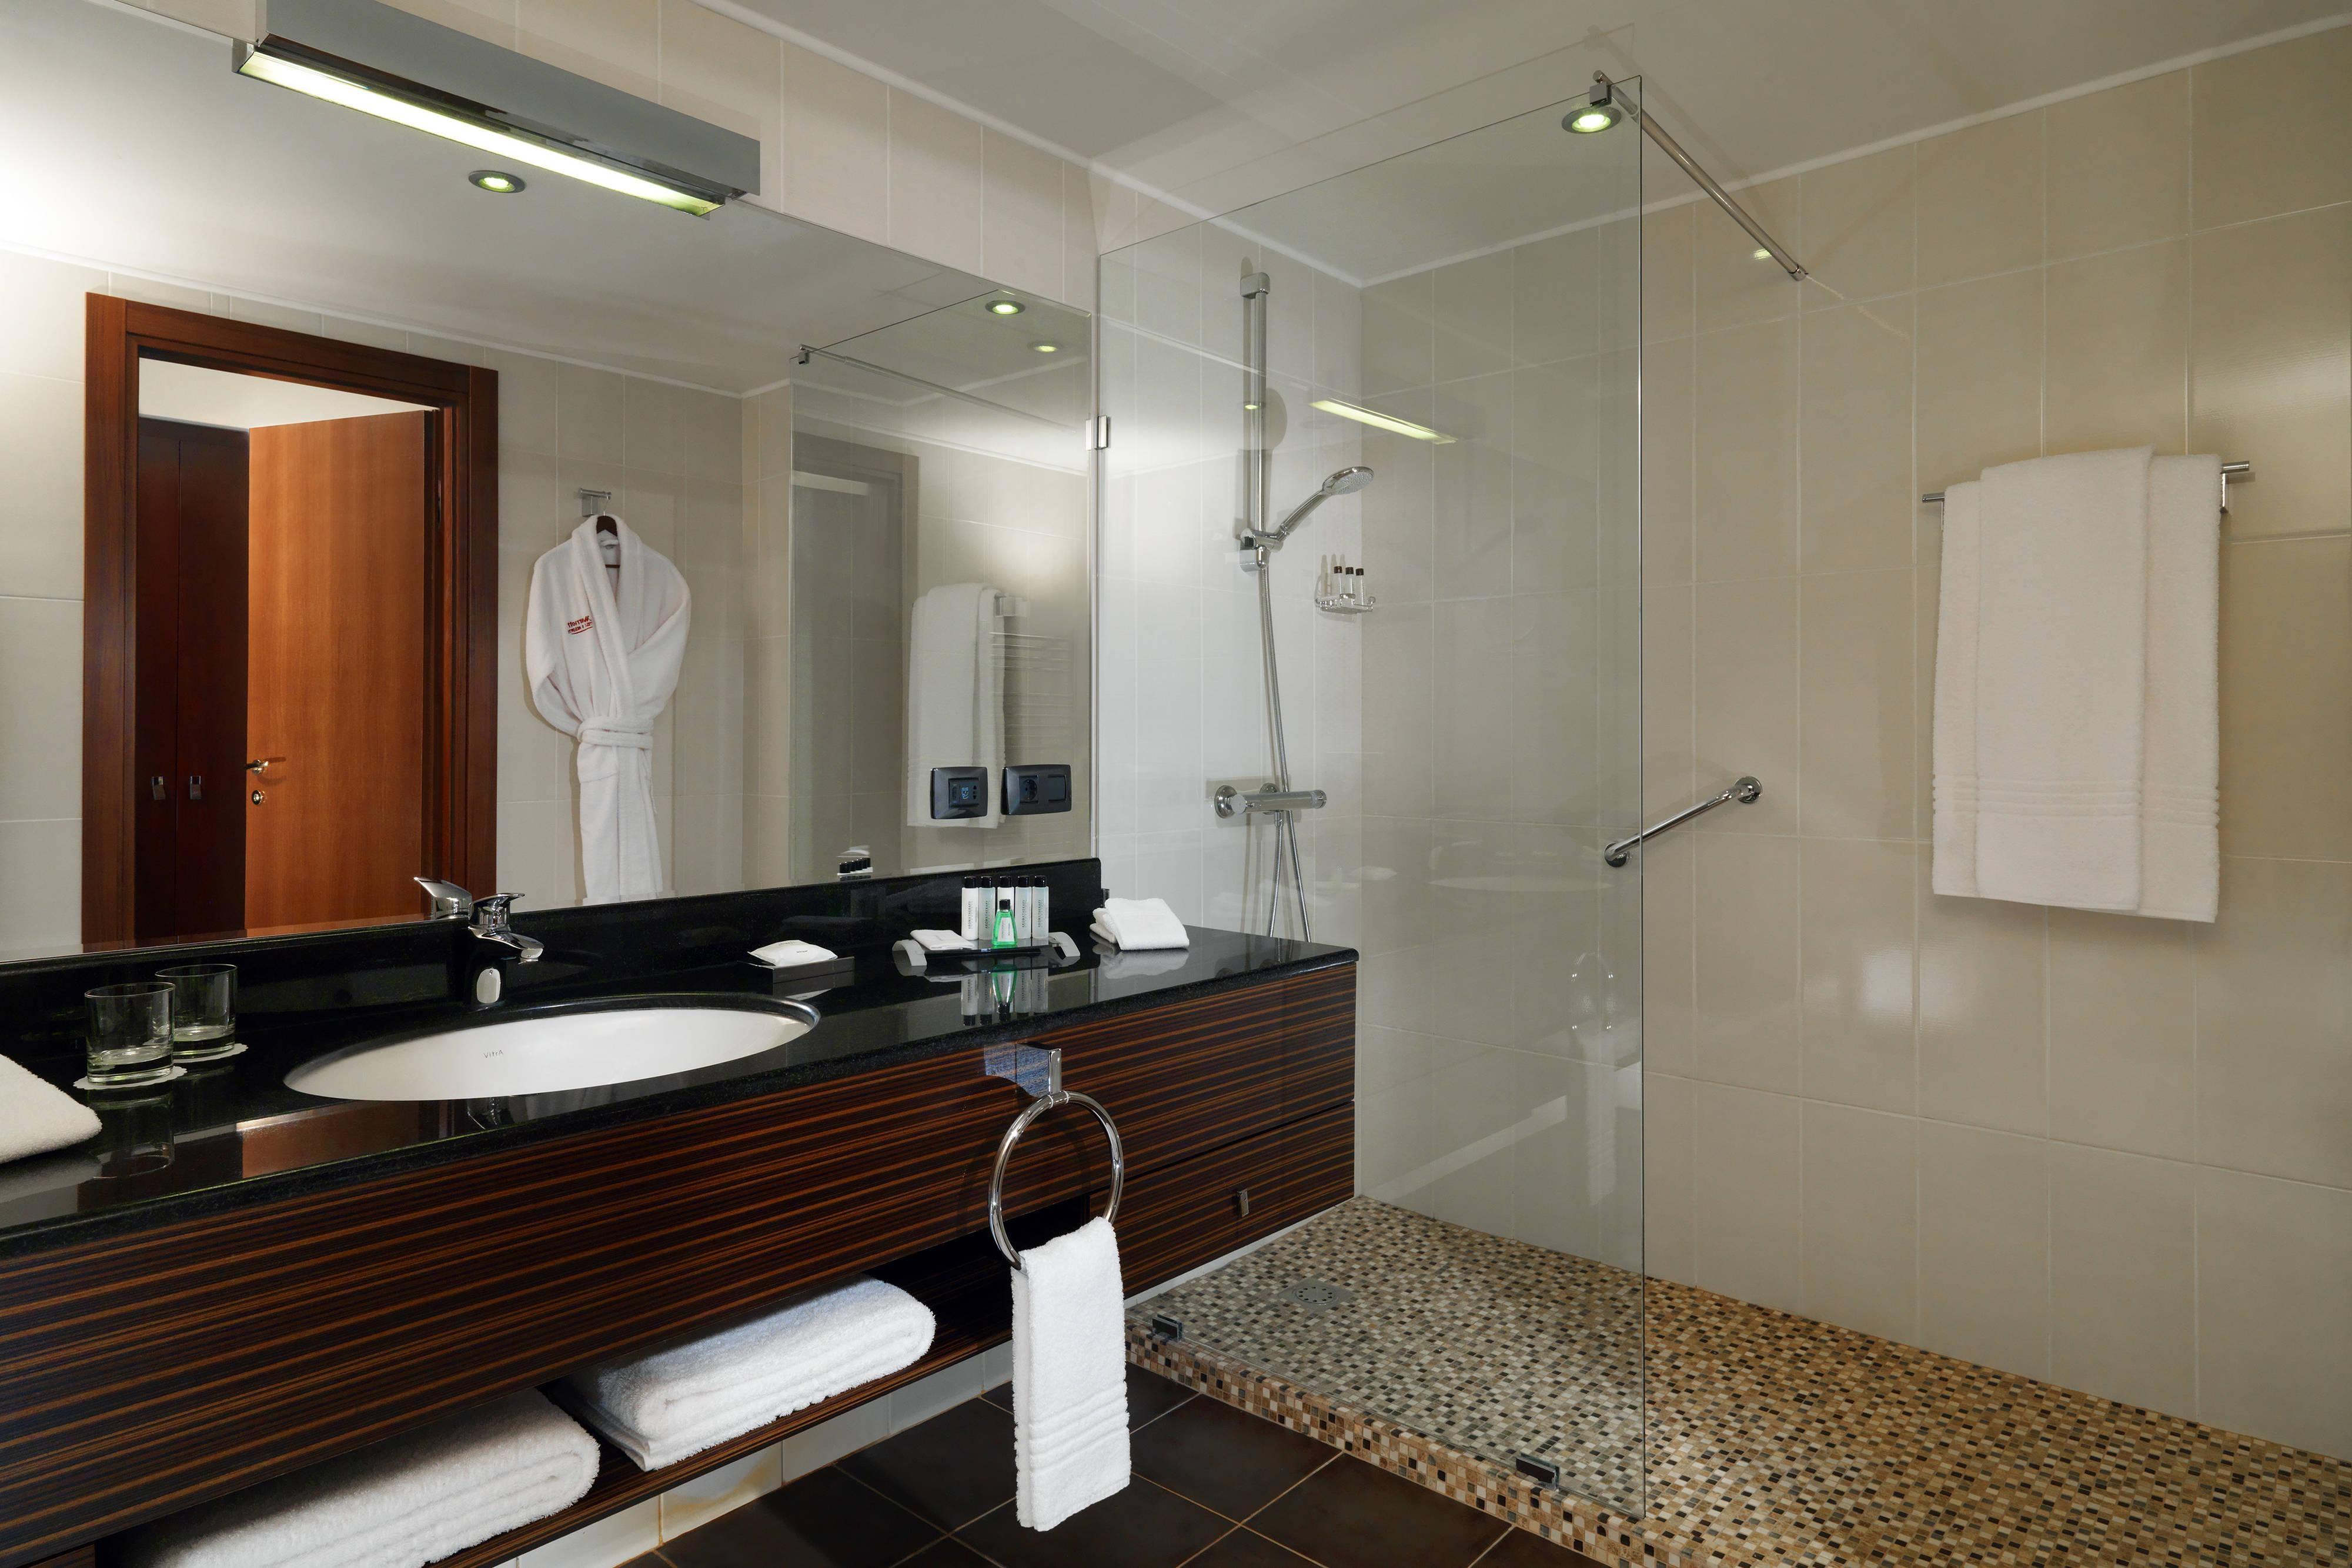 Ванная комната в люксе отеля Marriott в Цахкадзоре